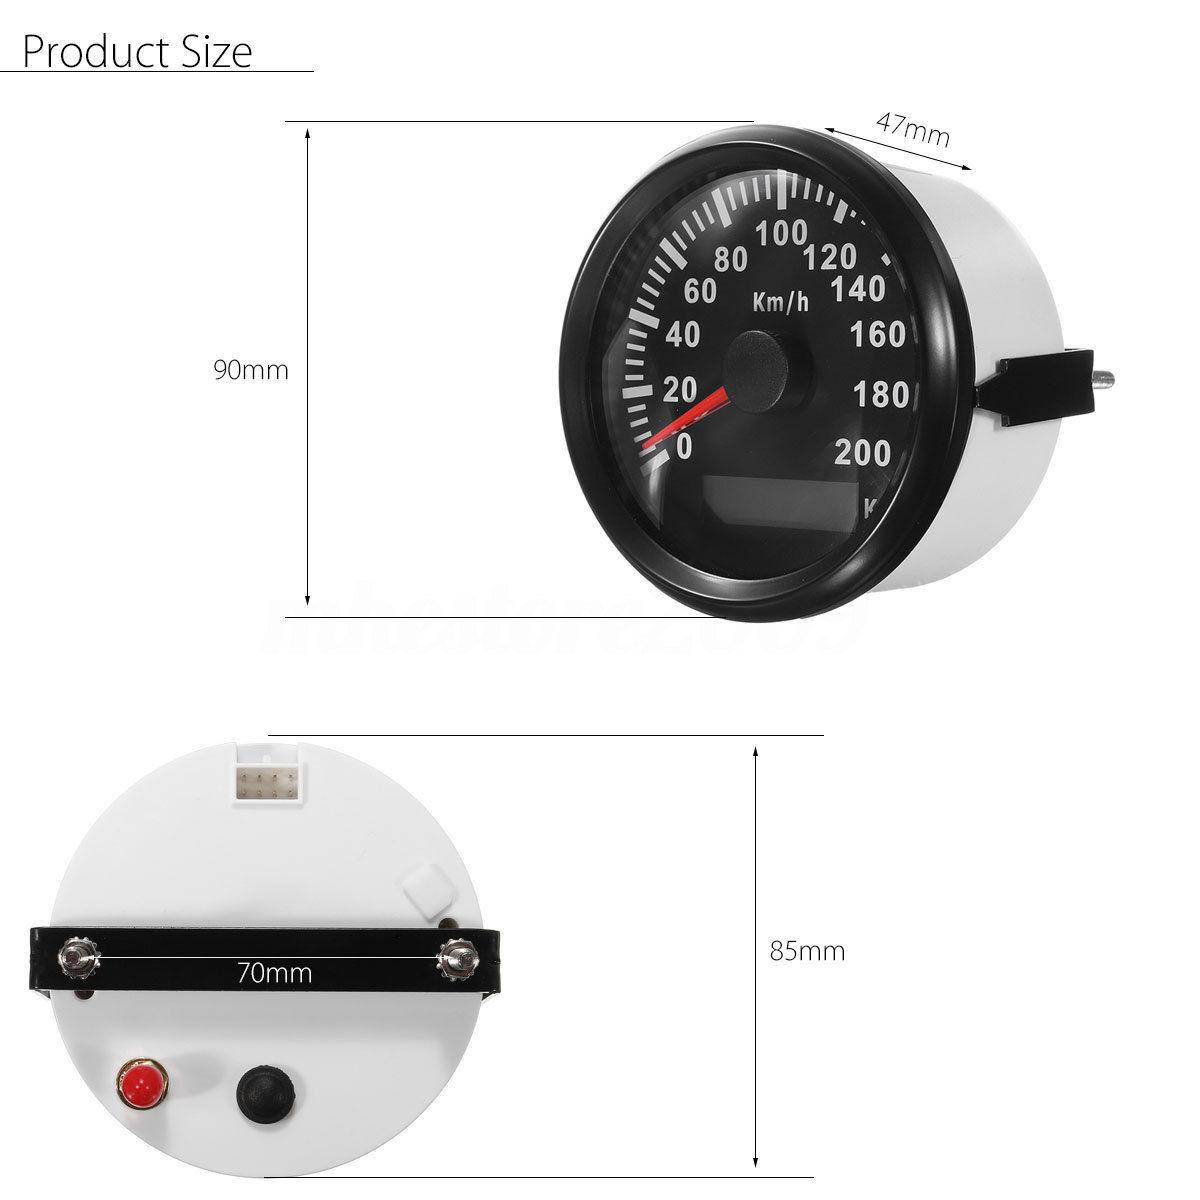 Jauges numériques imperméables automatiques de compteur de vitesse de Gps de moteur de voiture de 85Mm 200 Km/H - 3